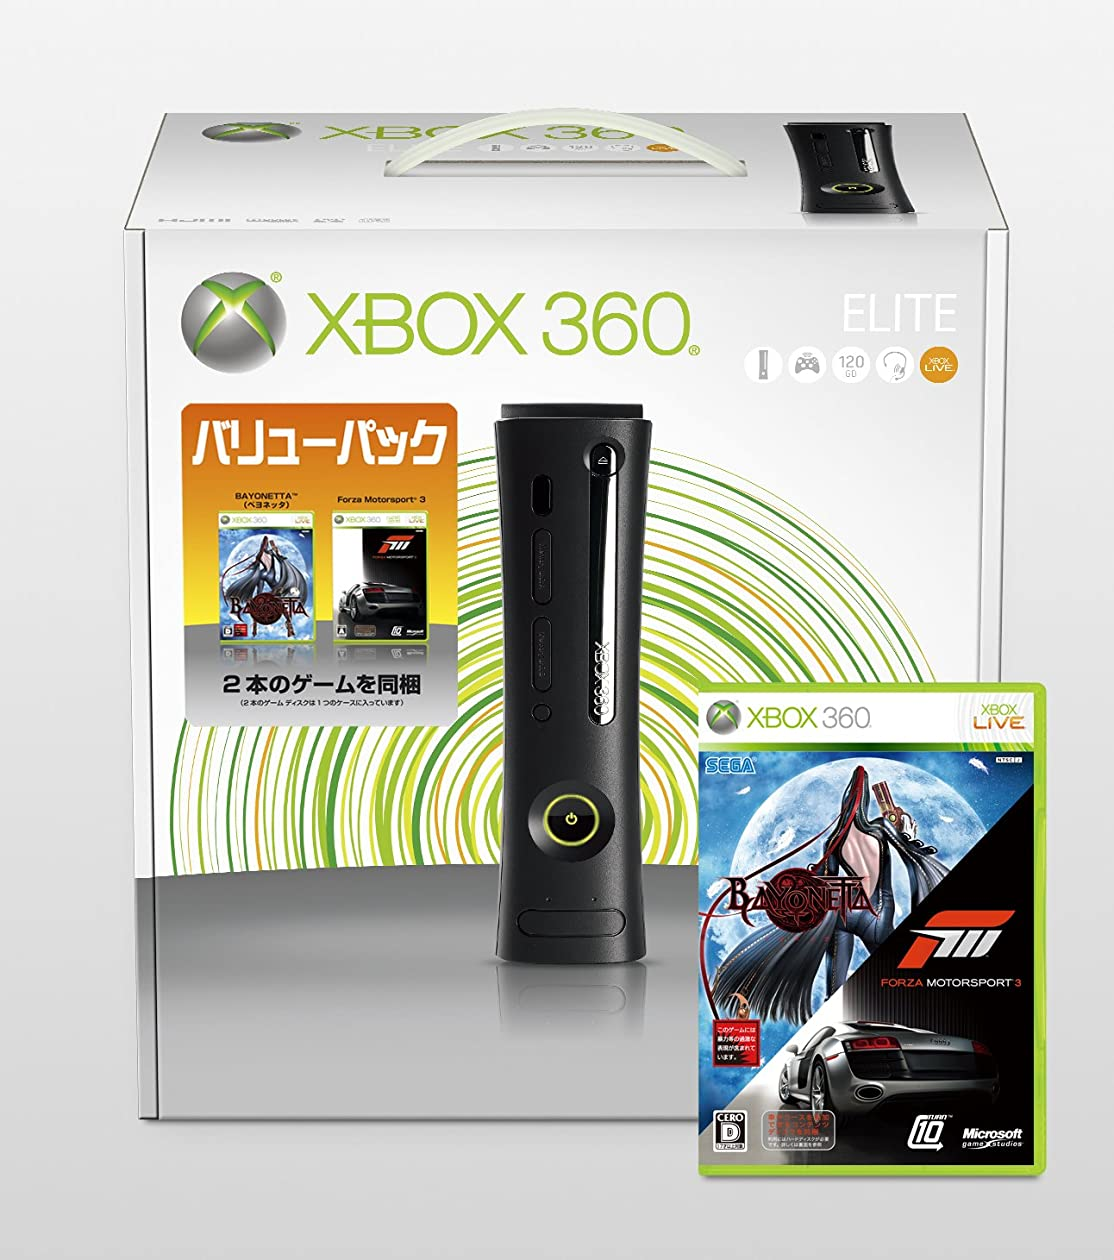 無知むしゃむしゃどこにでも■■スイッチ有り版です■■ PS2のデュアルショックコントローラーがXbox360で使用可能になるコンバーター<バルク品> [Xbox 360]